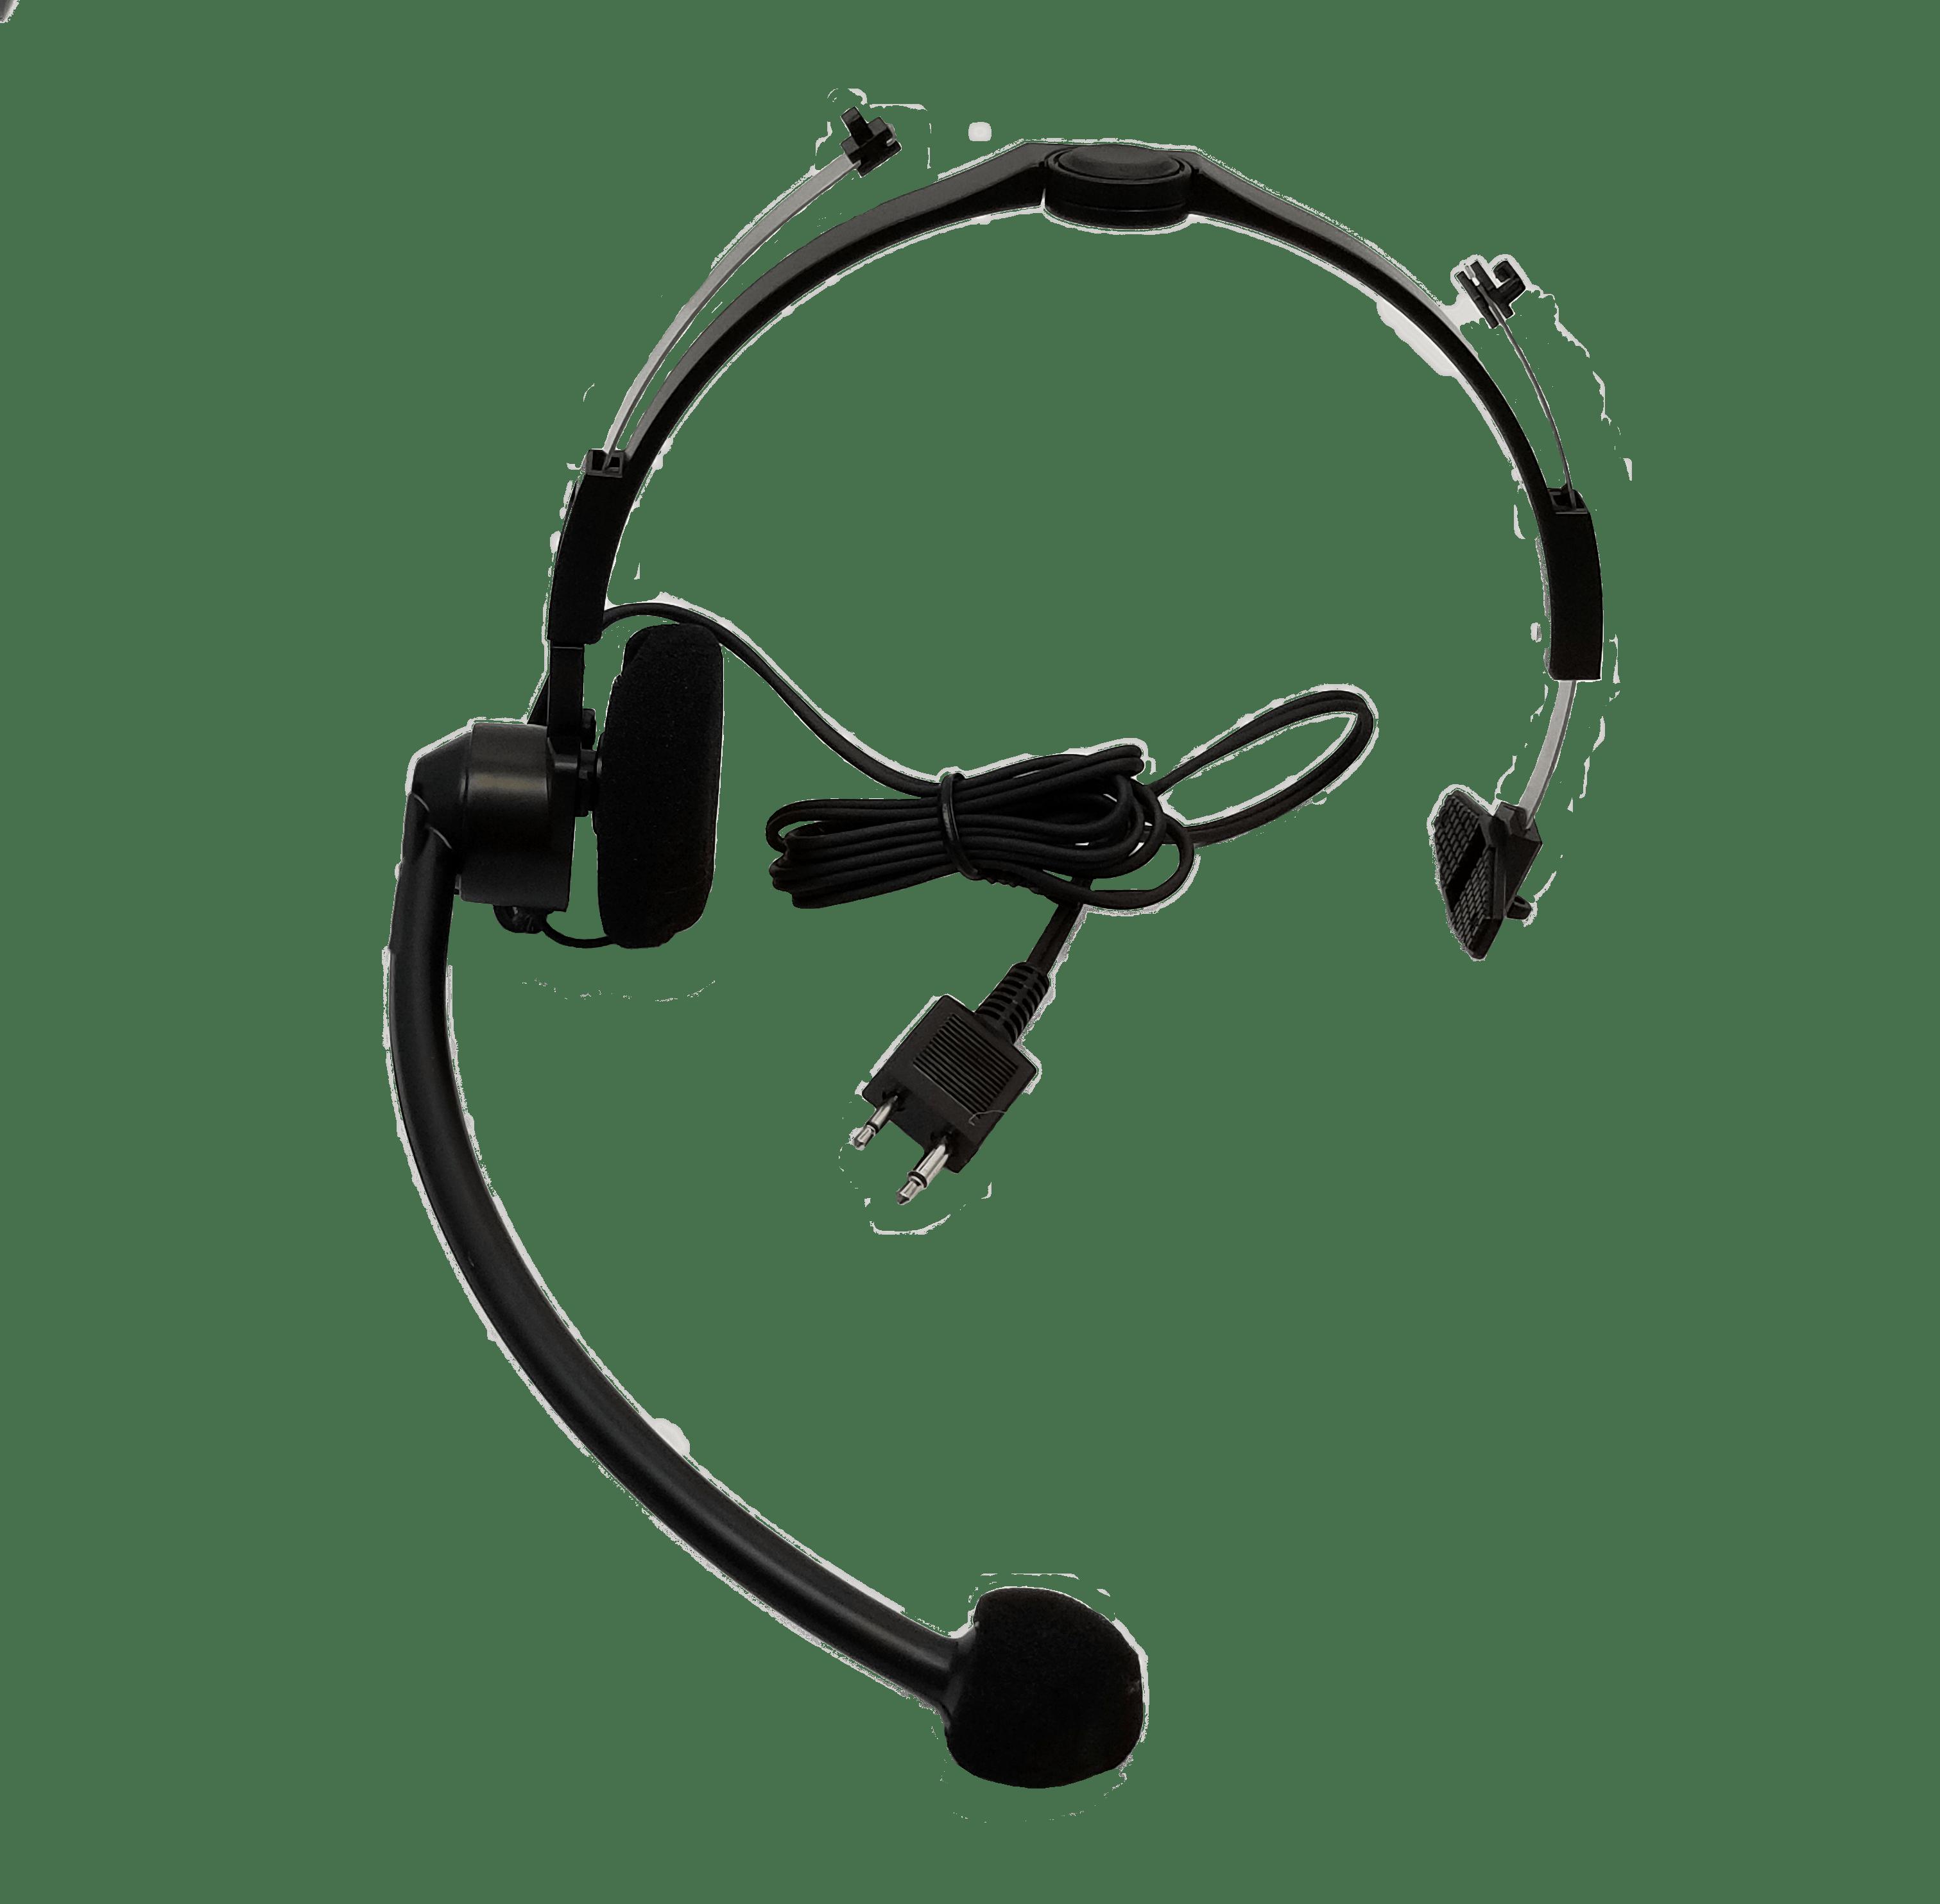 WTA13 - Maxon Voice Operated PTT Mini Vox